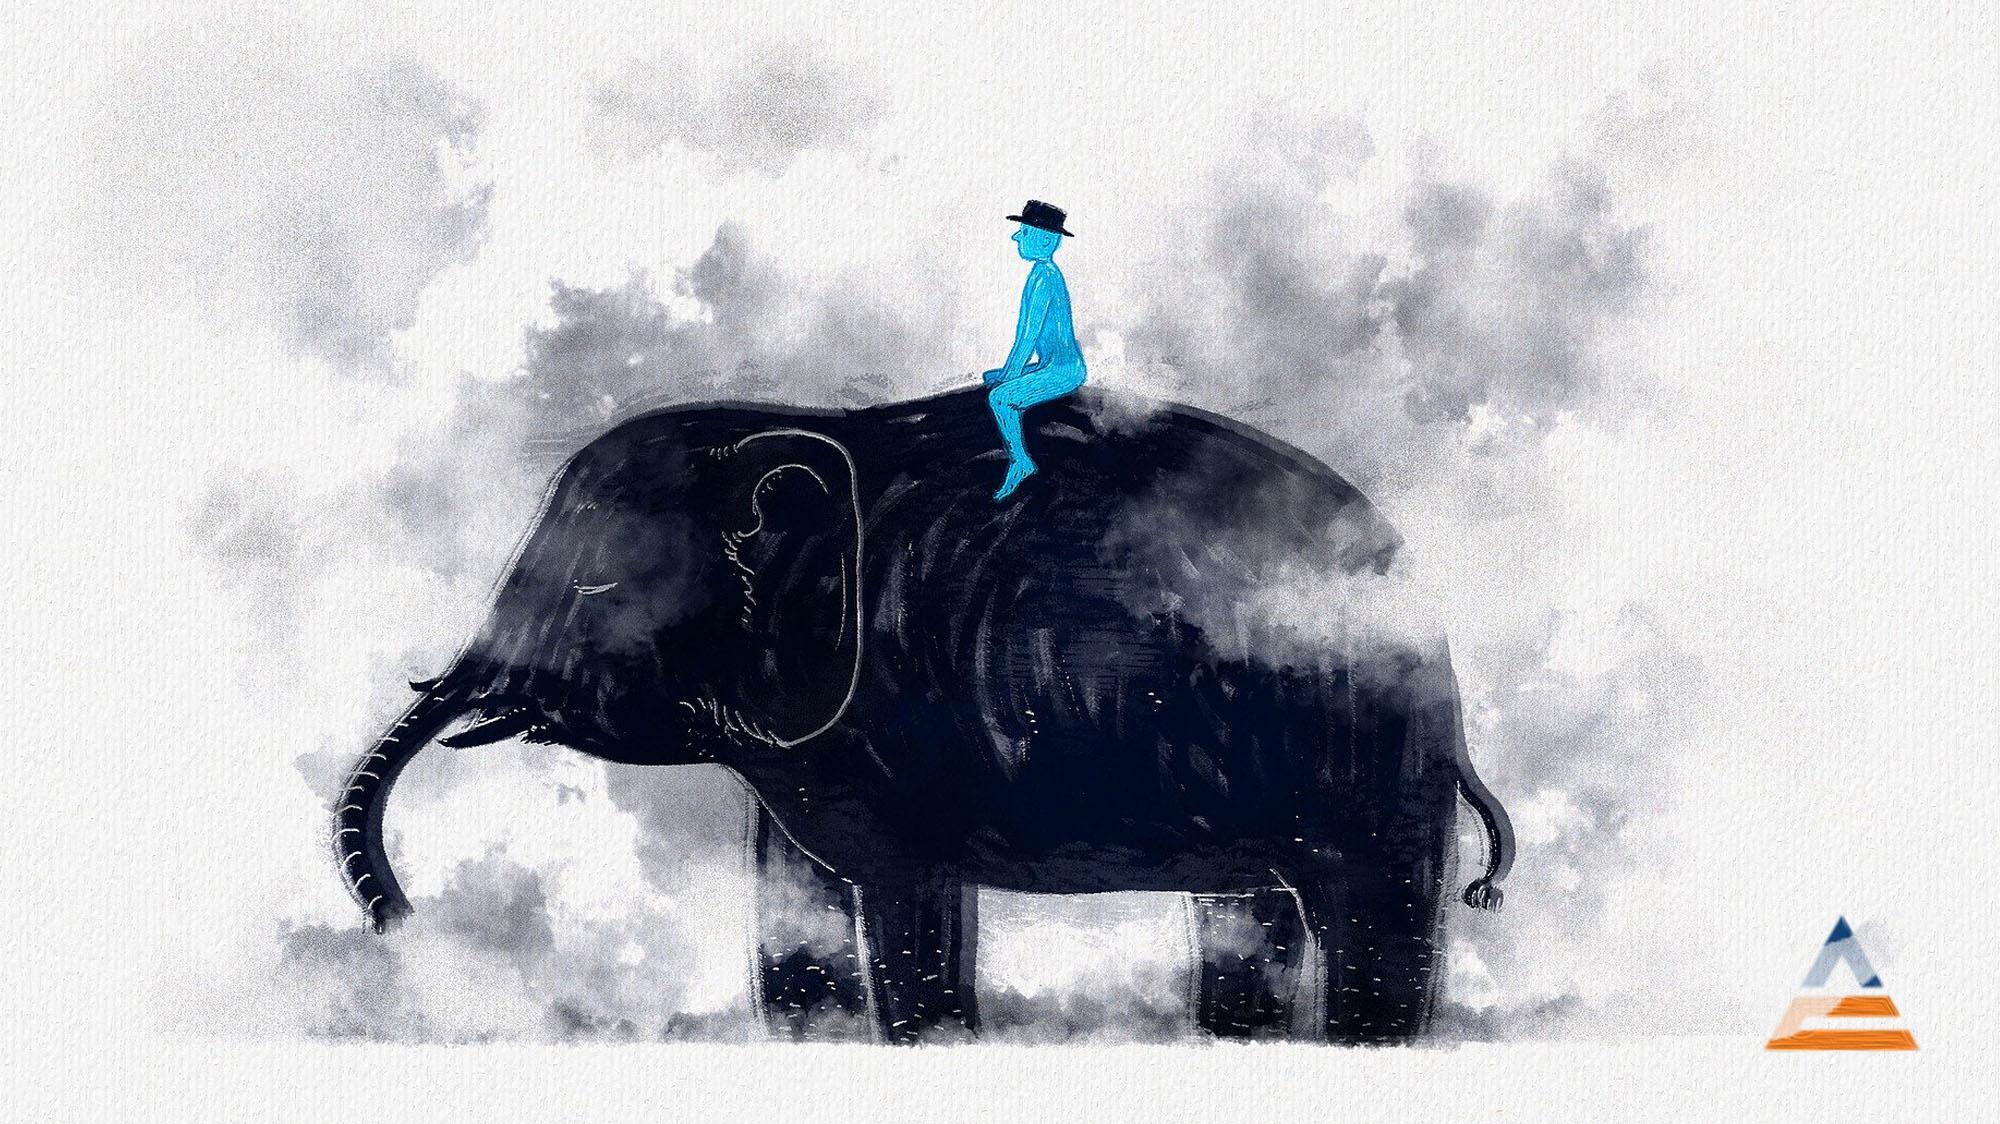 Der blaue Reiter auf einem Elefanten